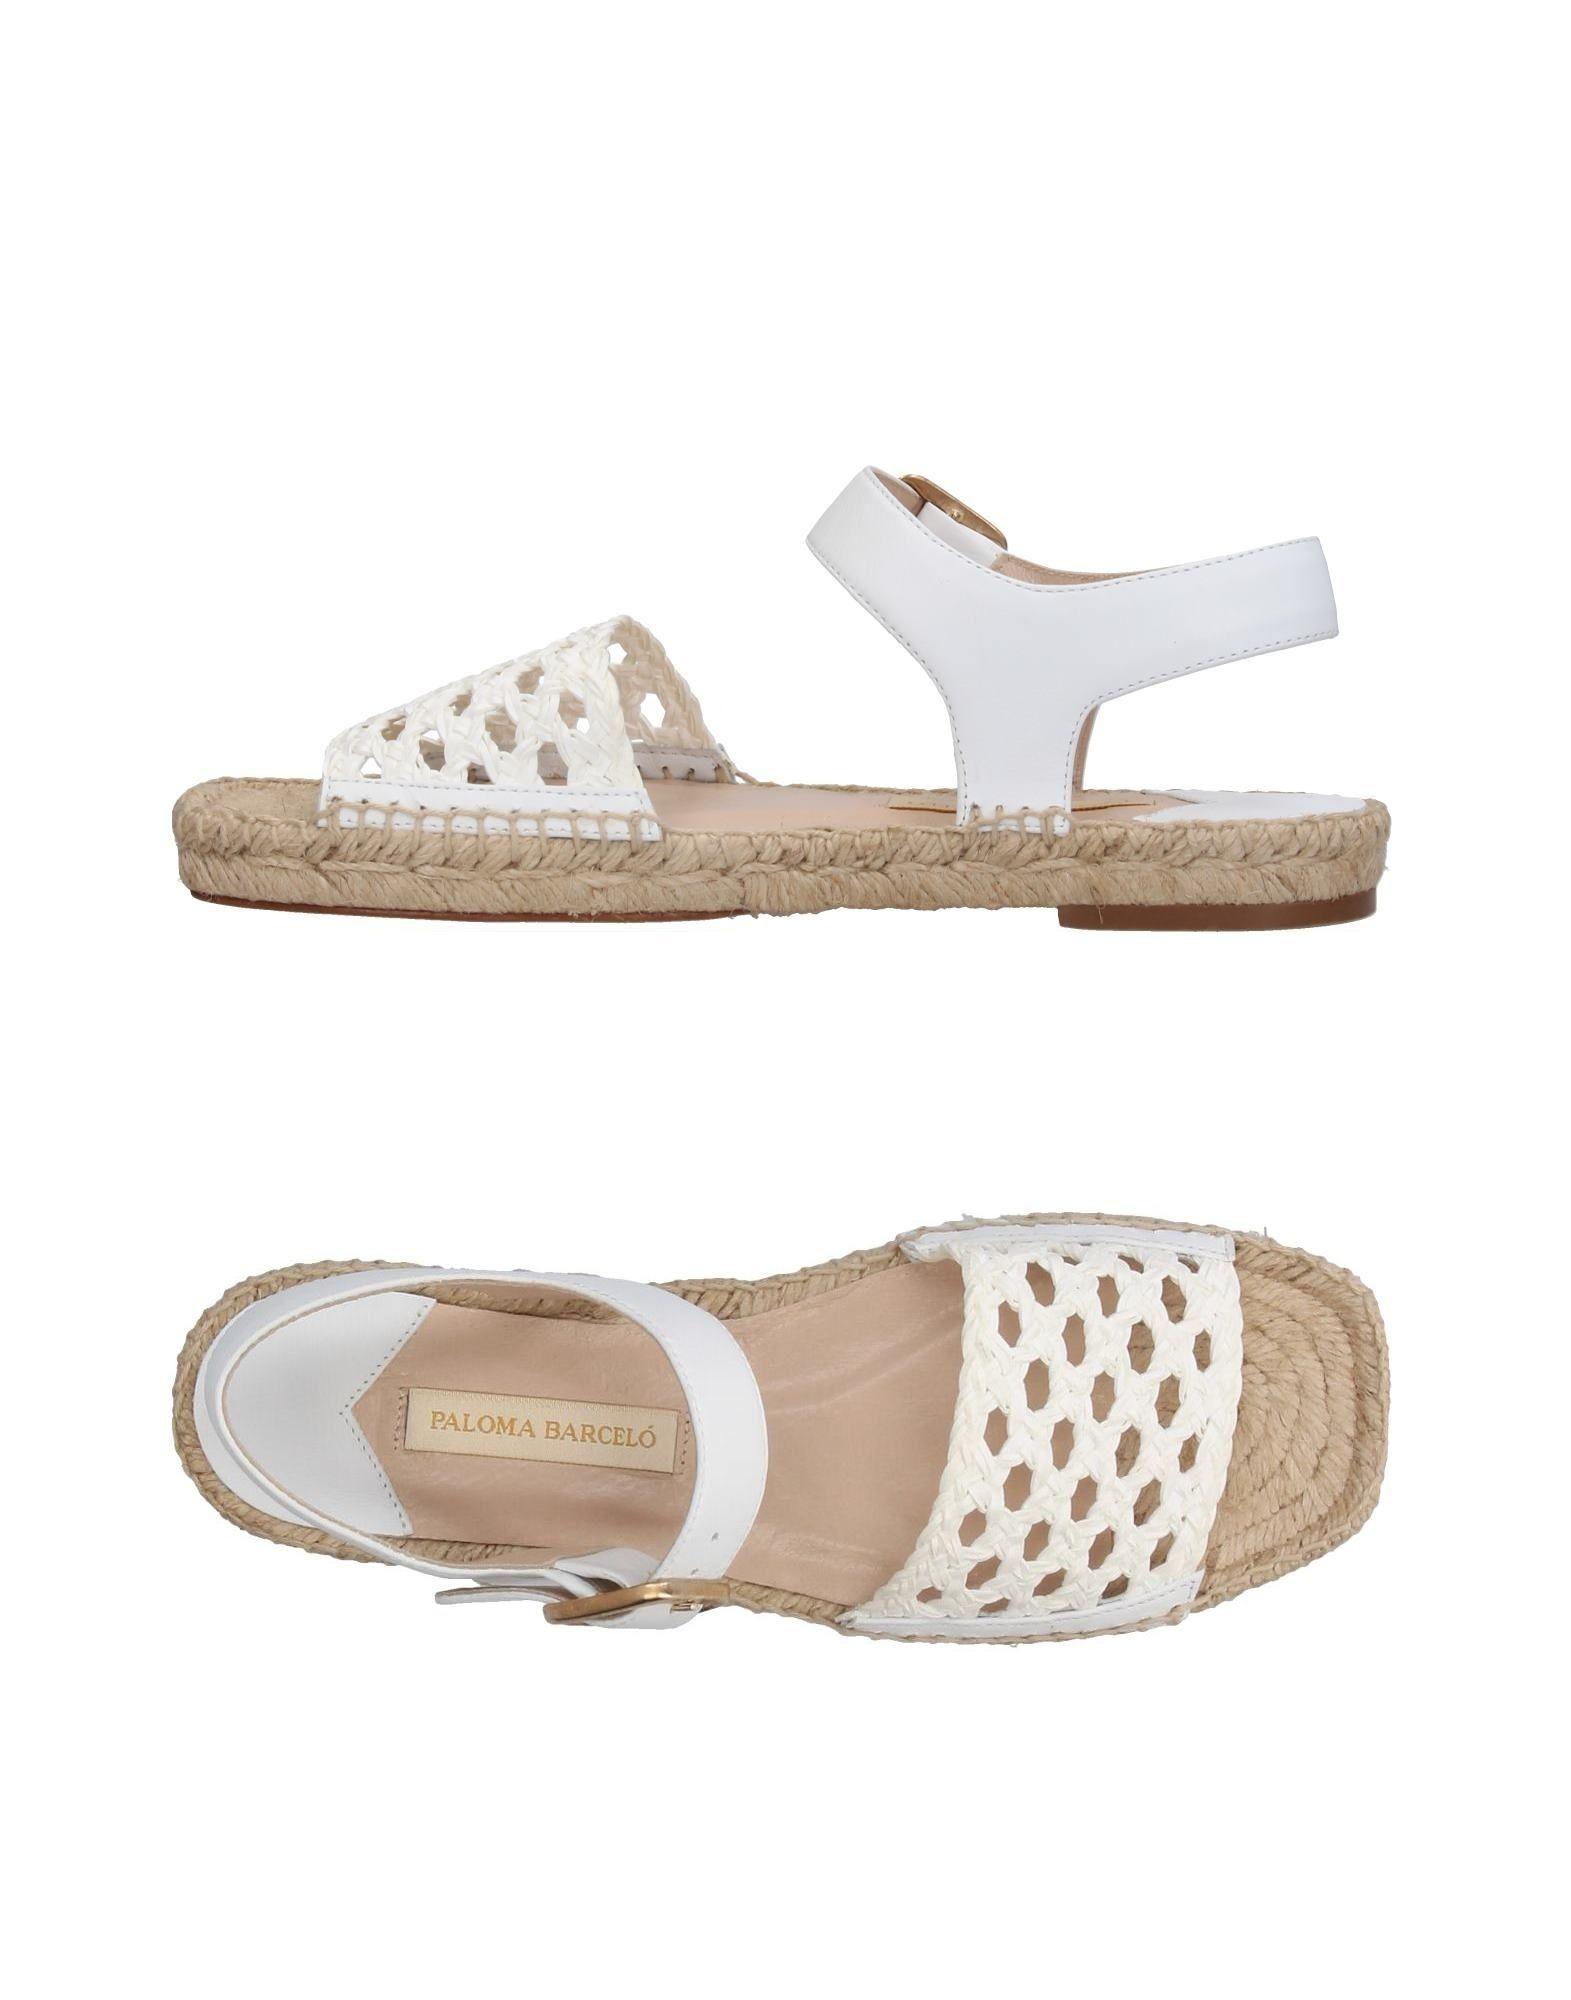 Paloma Barceló Sandalen Damen  11383814LF Gute Qualität beliebte Schuhe